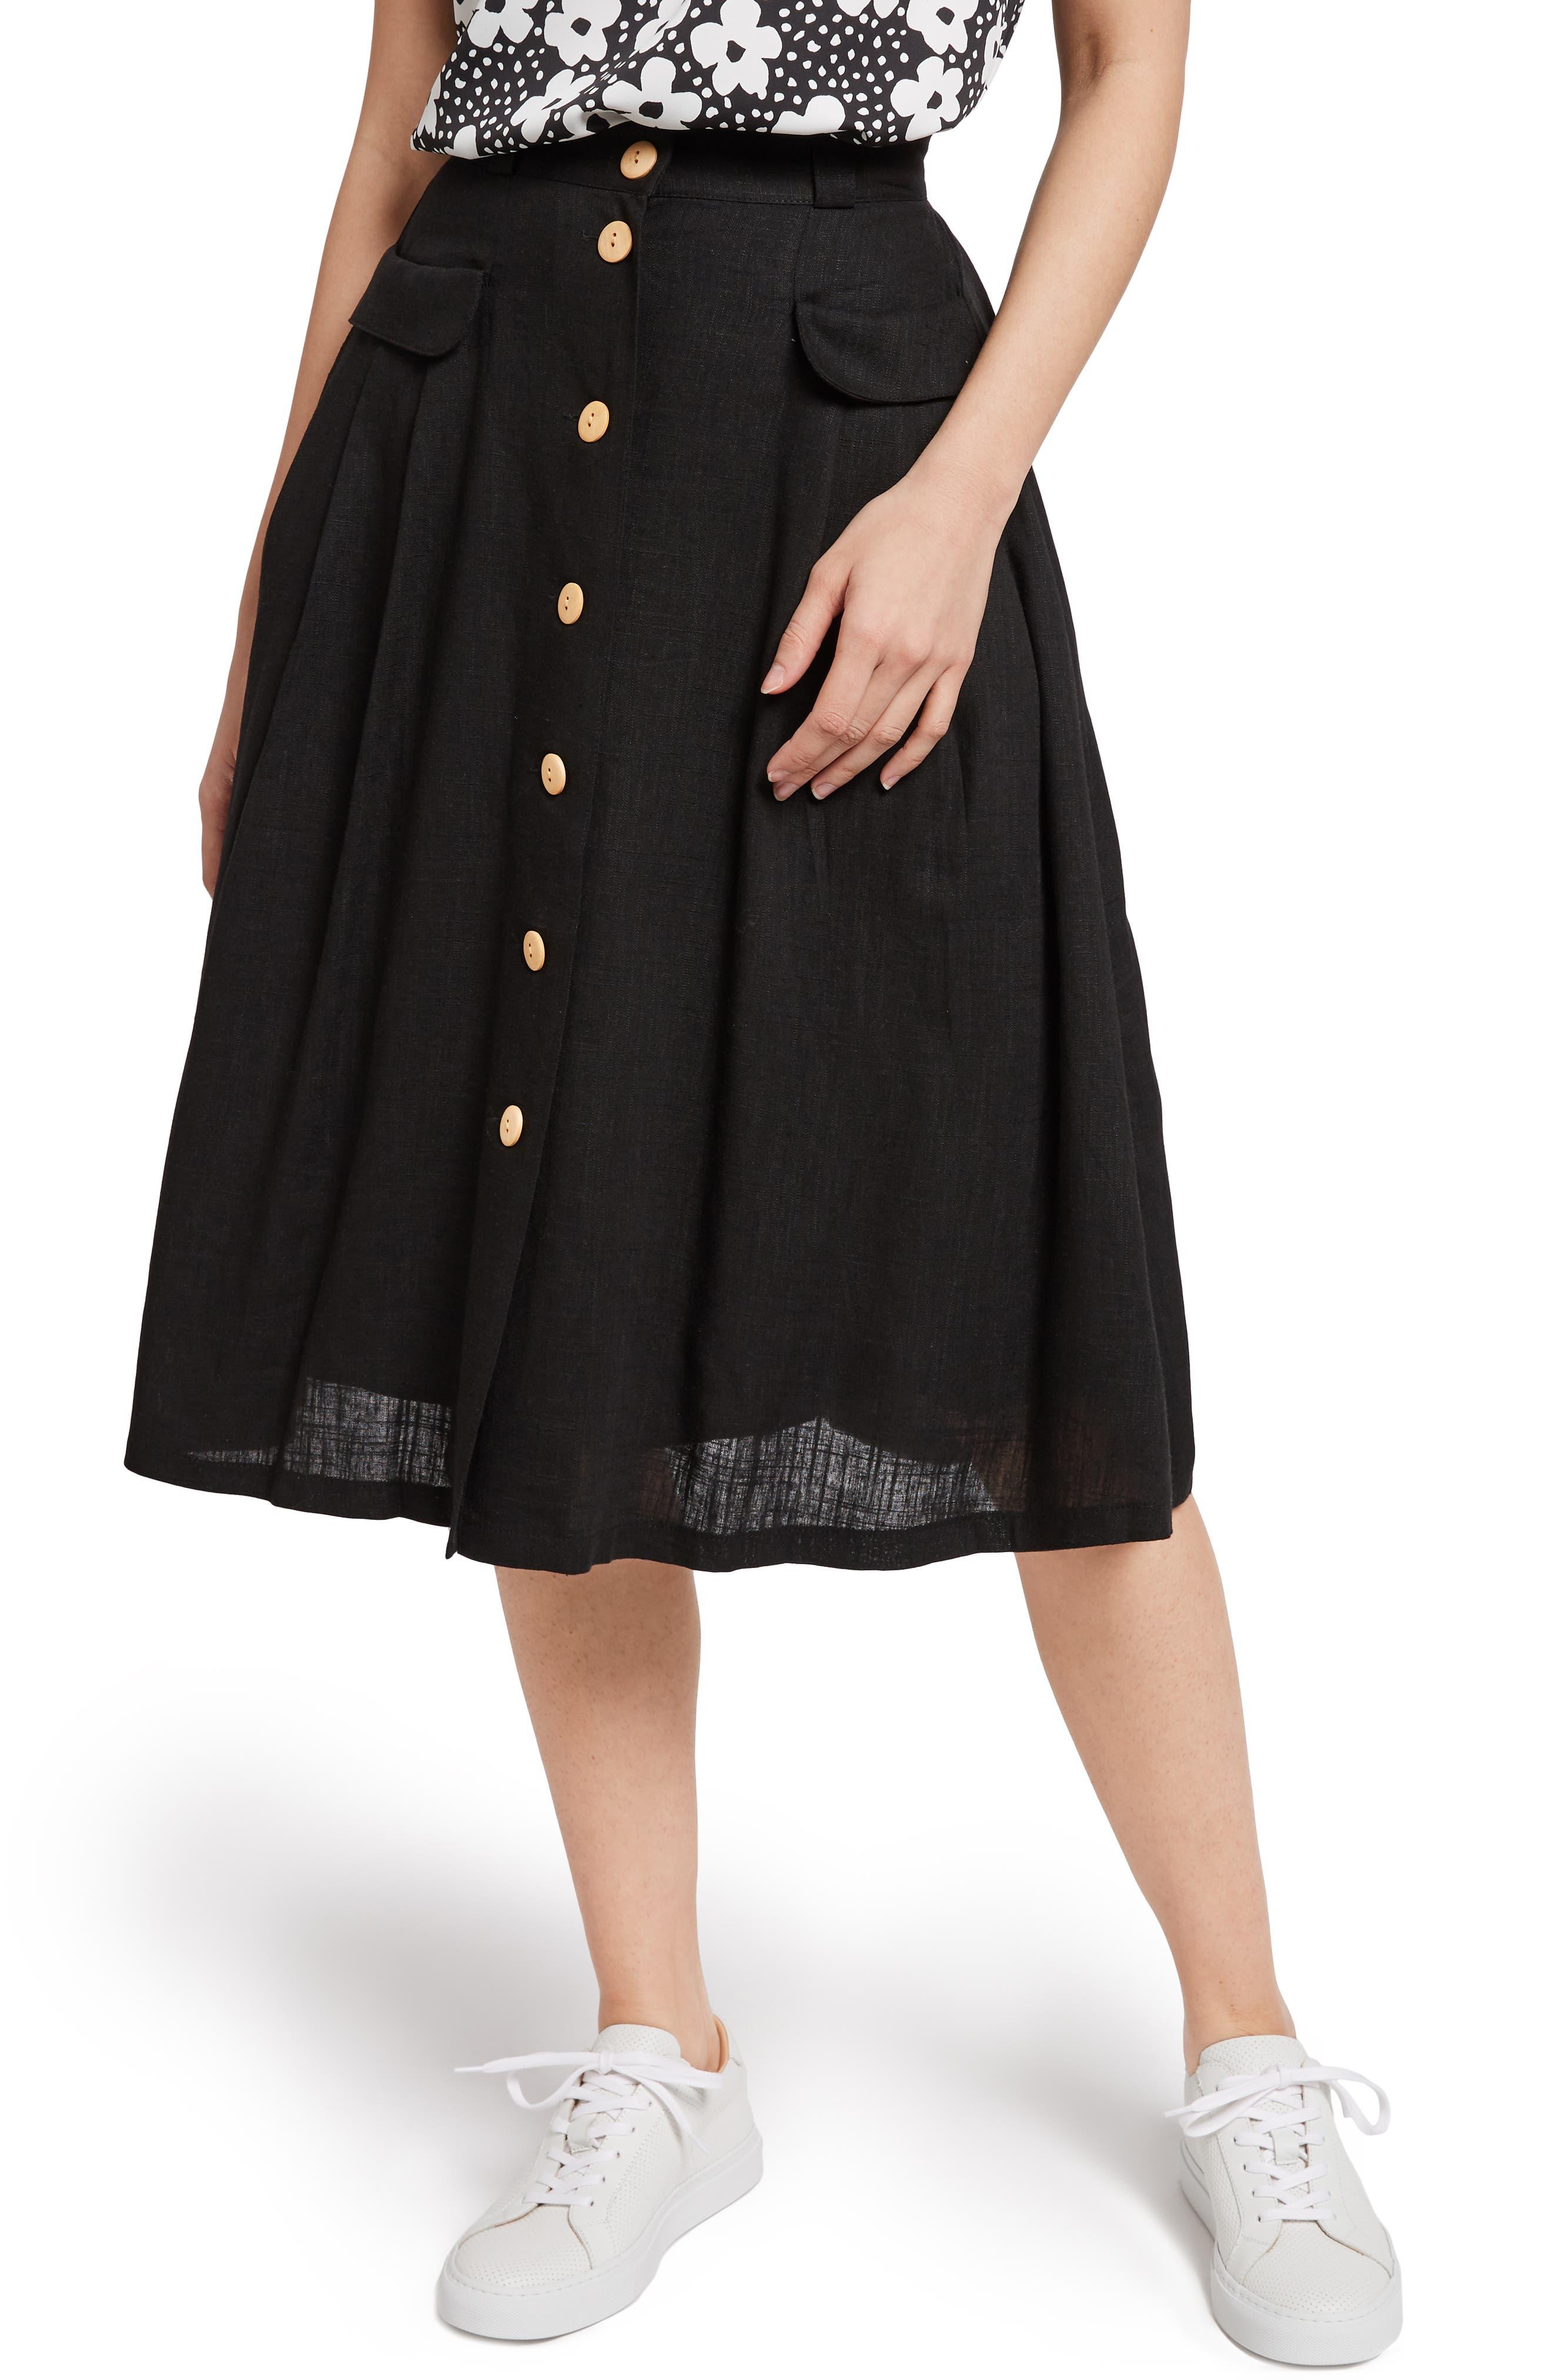 MODCLOTH,                             Pleat Midi Skirt,                             Main thumbnail 1, color,                             BLACK